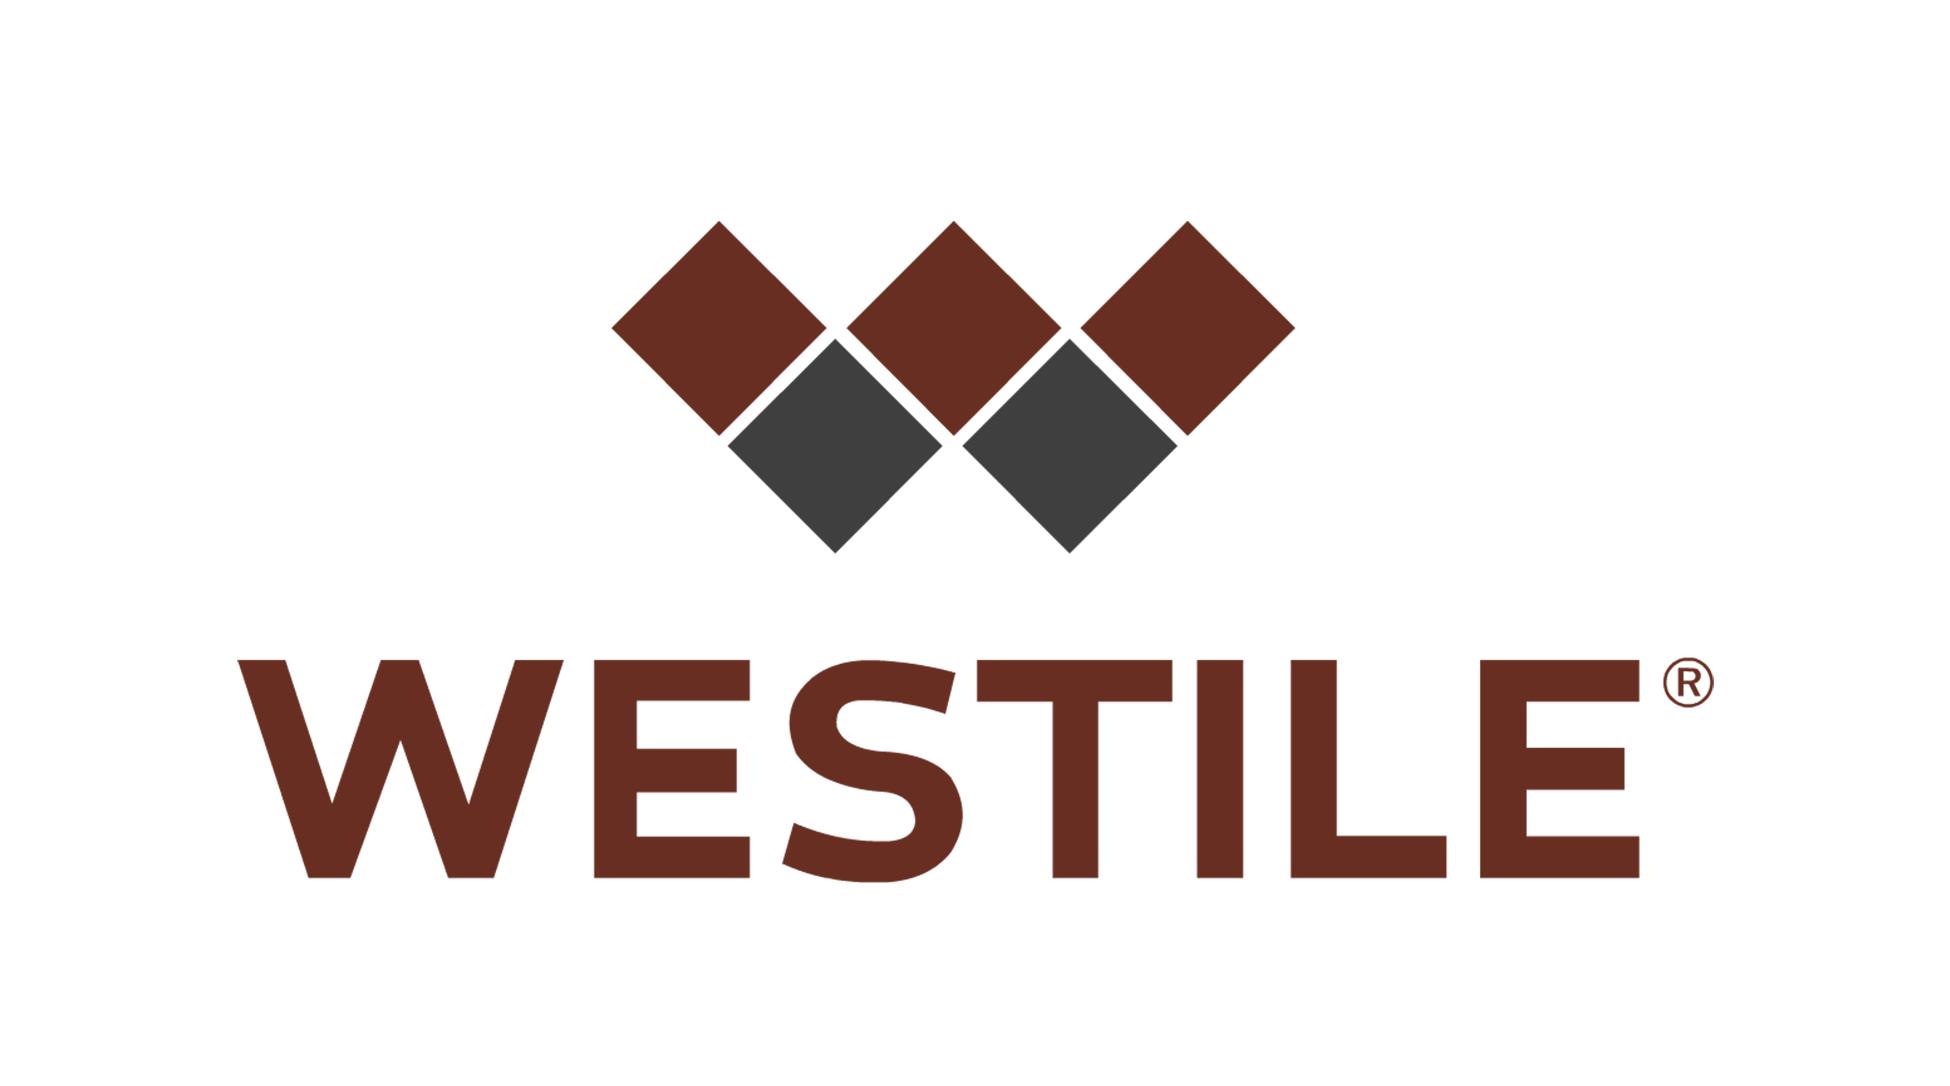 Westile